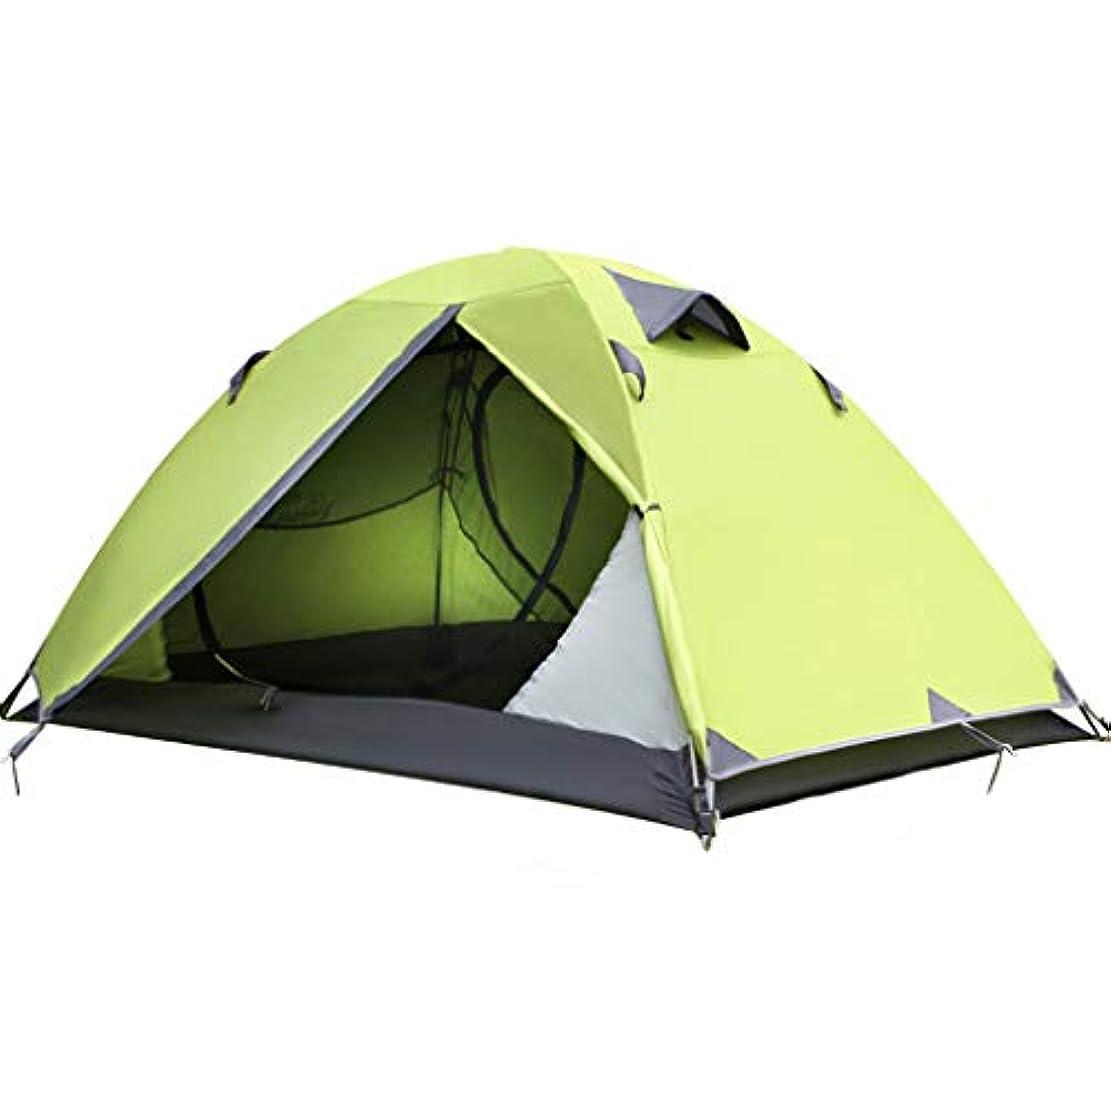 同僚縮れたチェスIDWOI テント 二人用テントキャンプ二重層防水屋外テント軽量ドームテント、4色 (Color : Green)